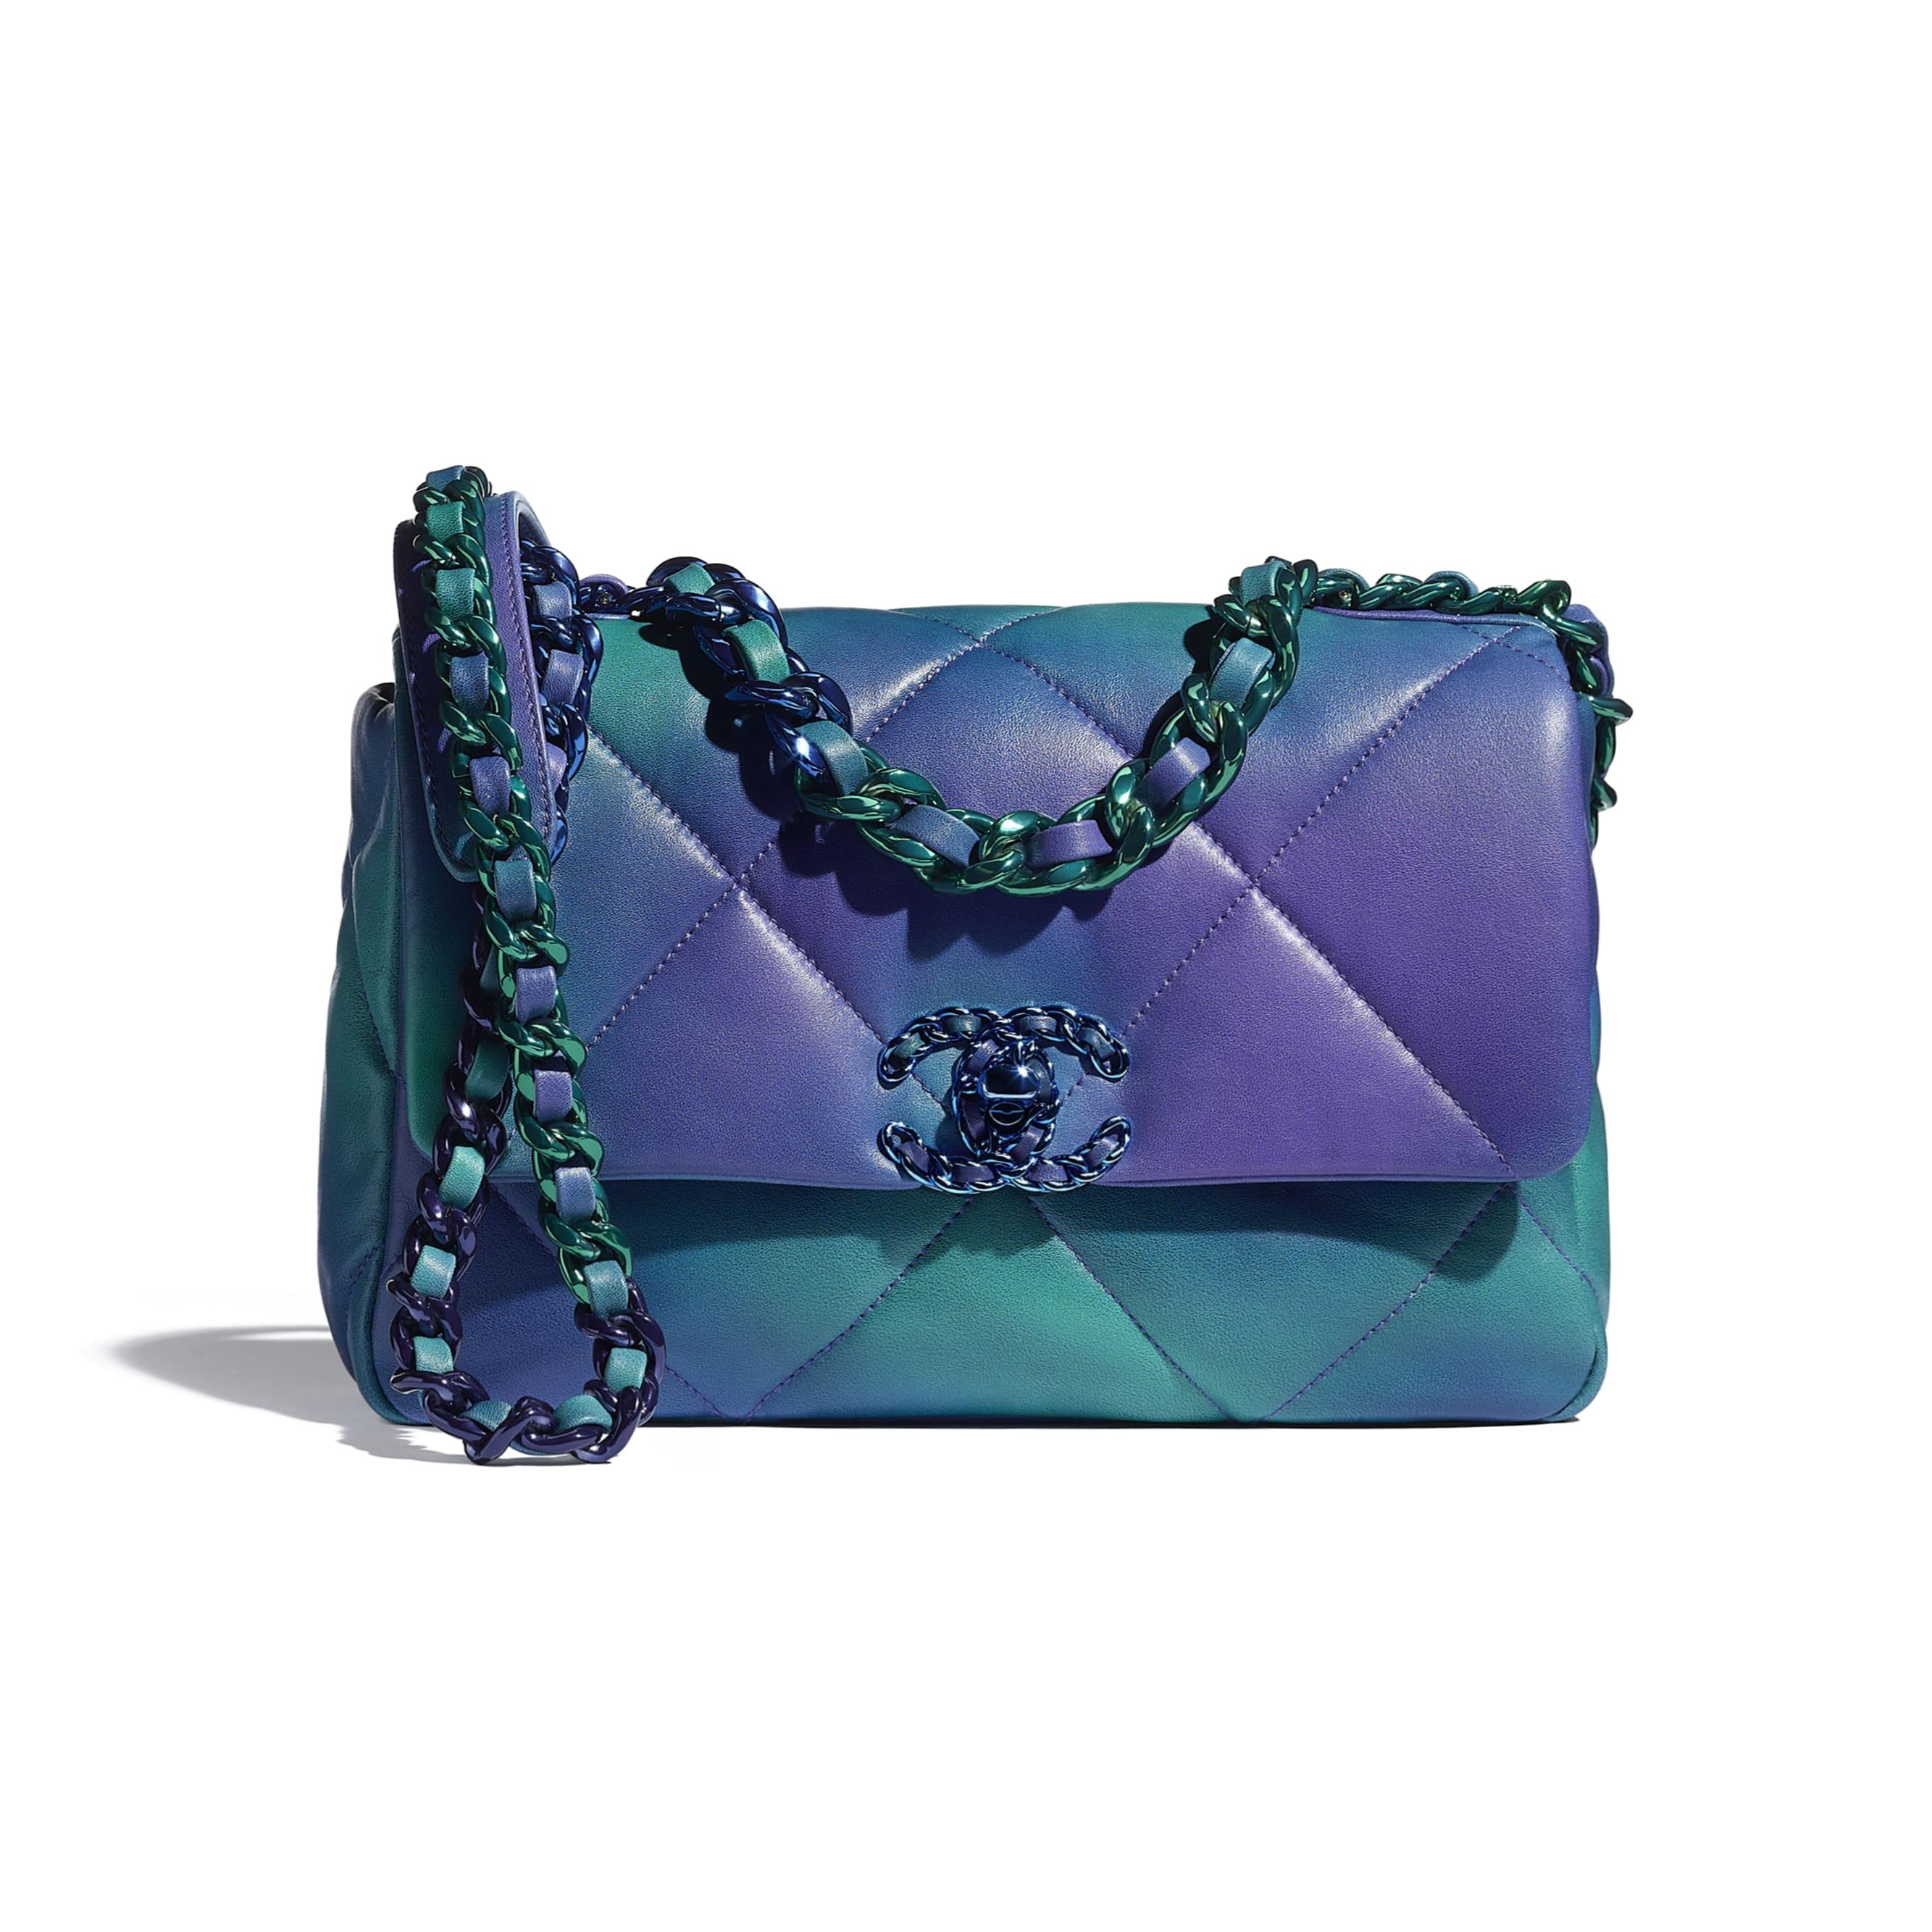 Borsa CHANEL 19 - Blu & viola - Pelle tie and dye & metallo laccato - CHANEL - Immagine predefinita - vedere versione standard